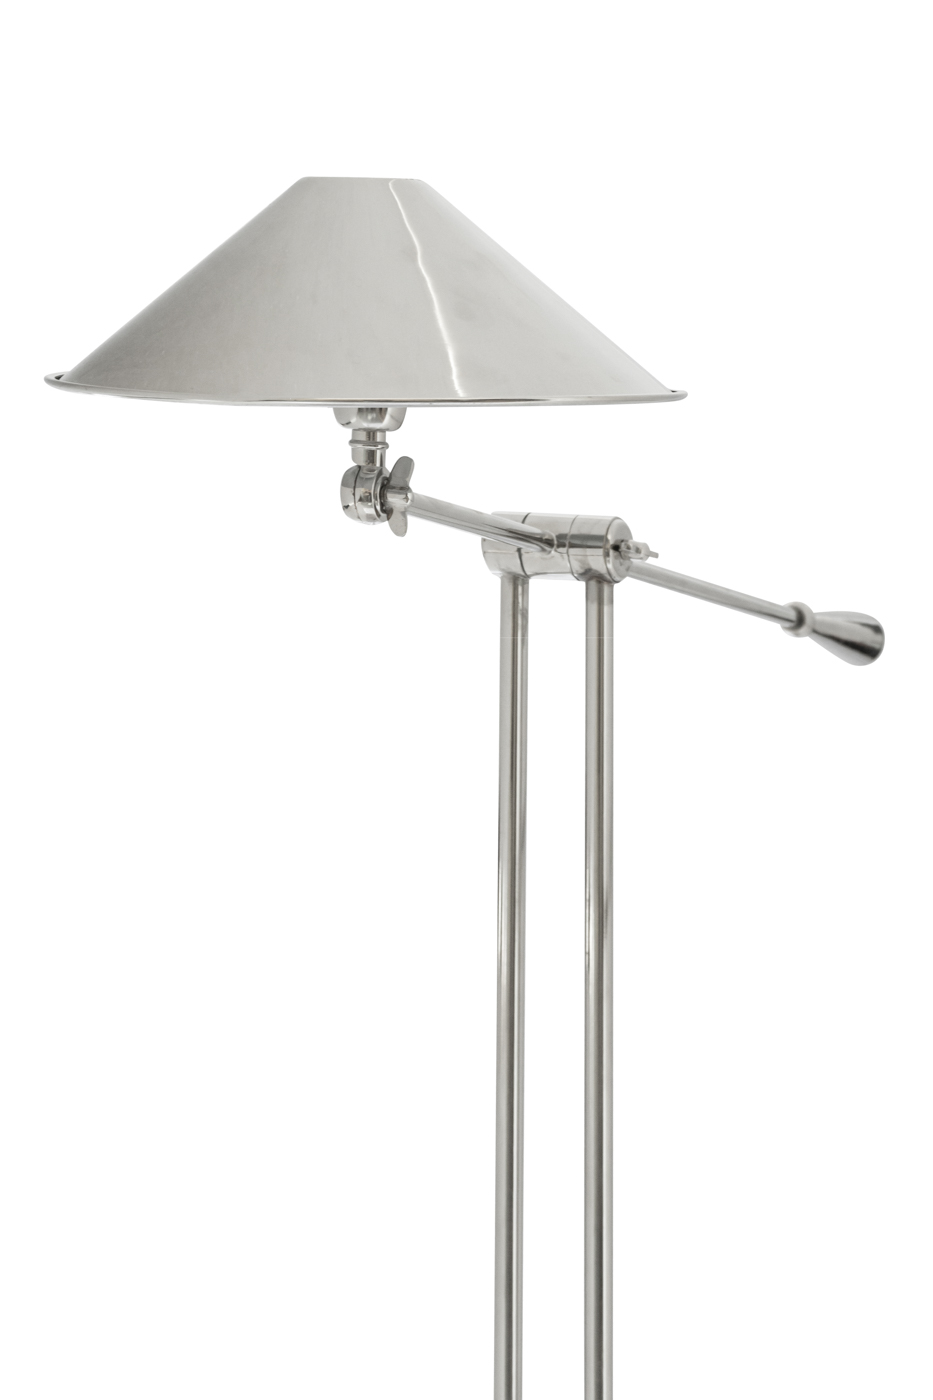 Lámpara de pie de metal con brazo ajustable